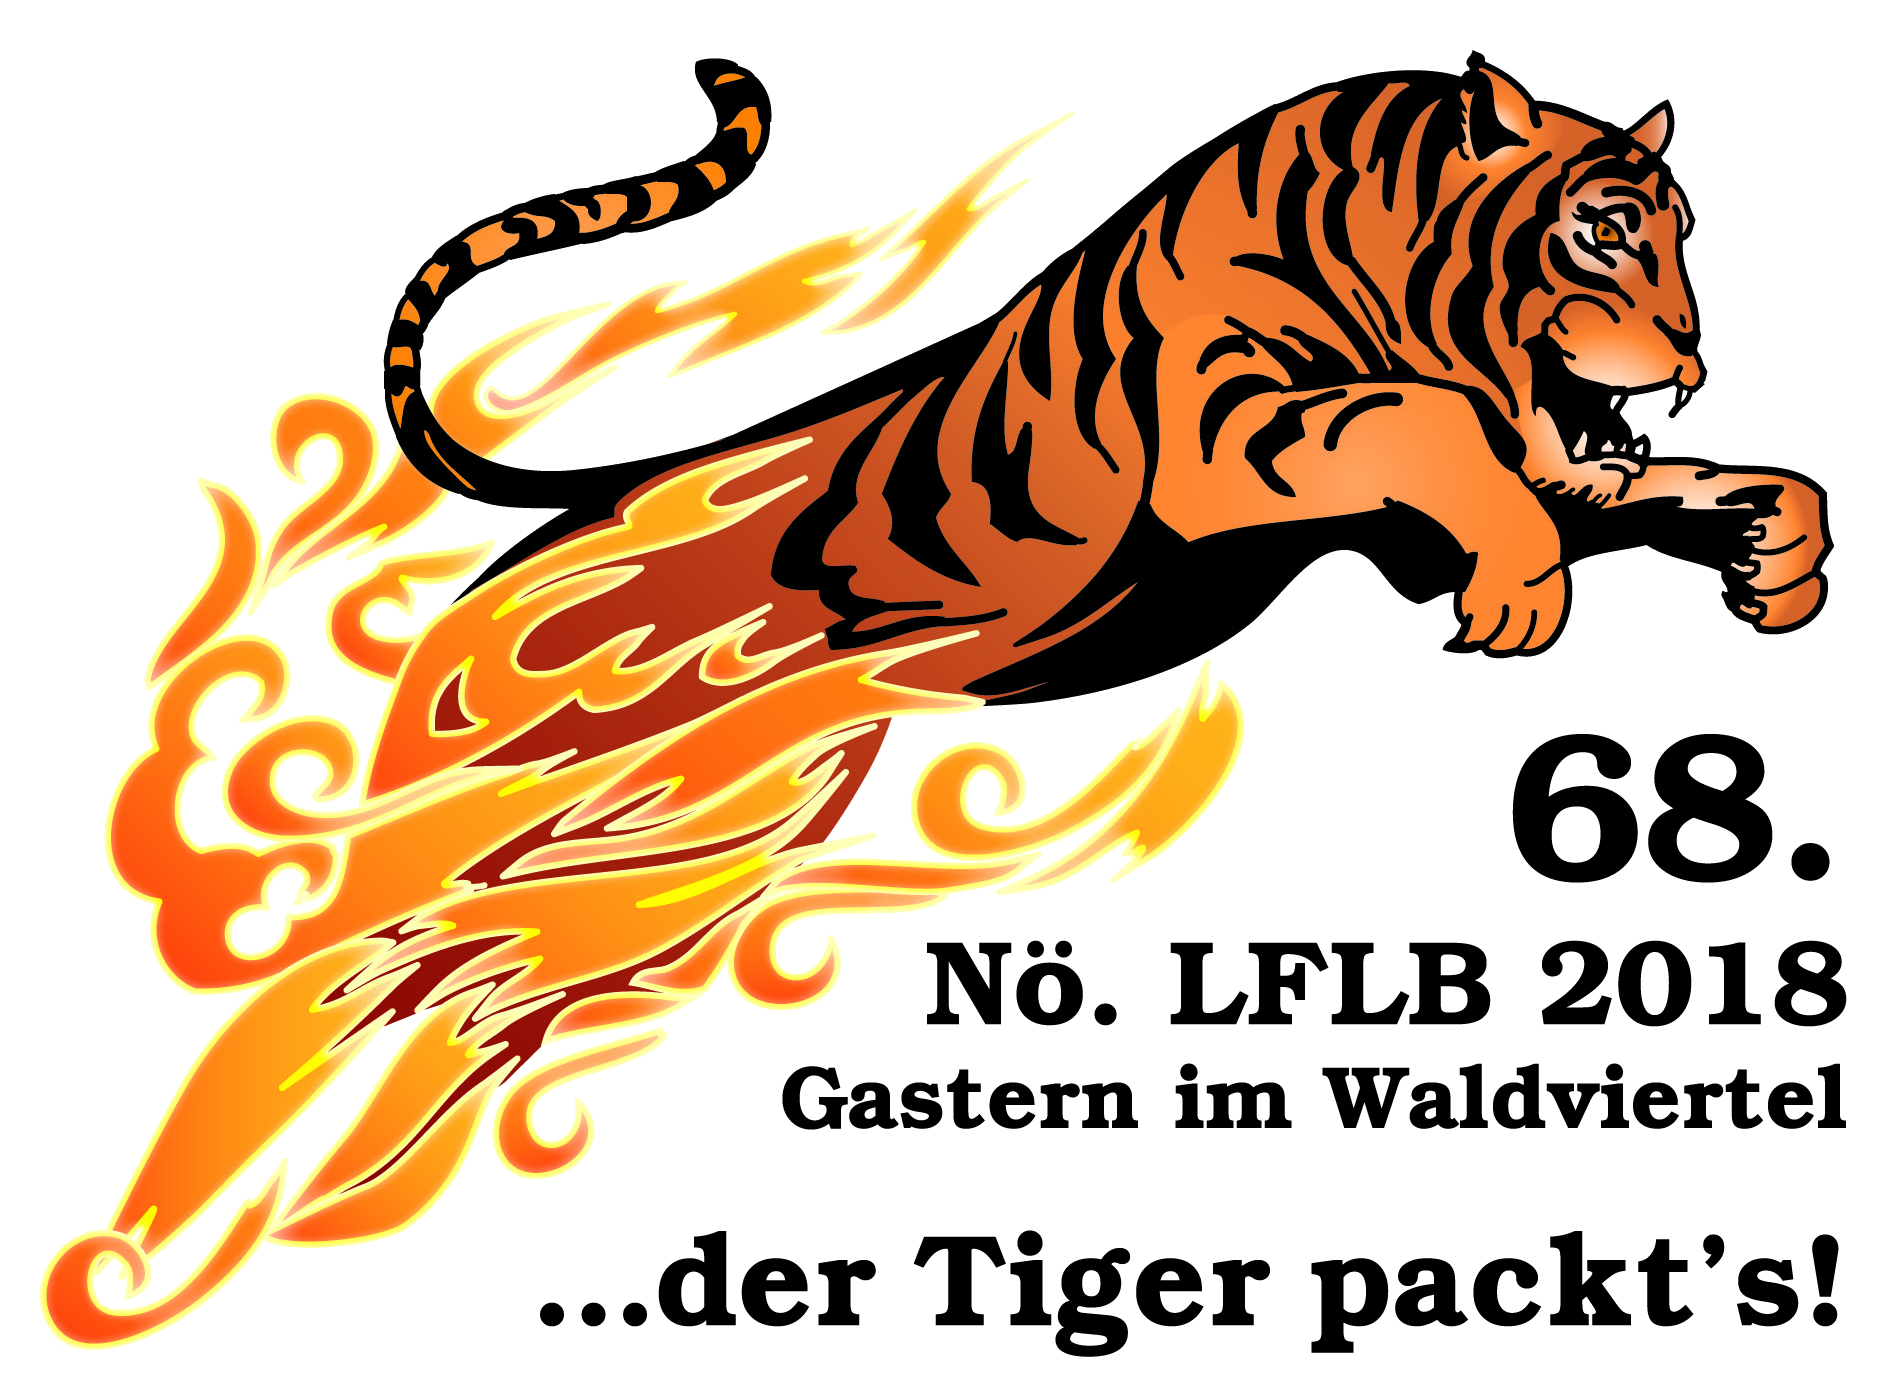 FF_Gastern_DER_tiger_muster_mitText